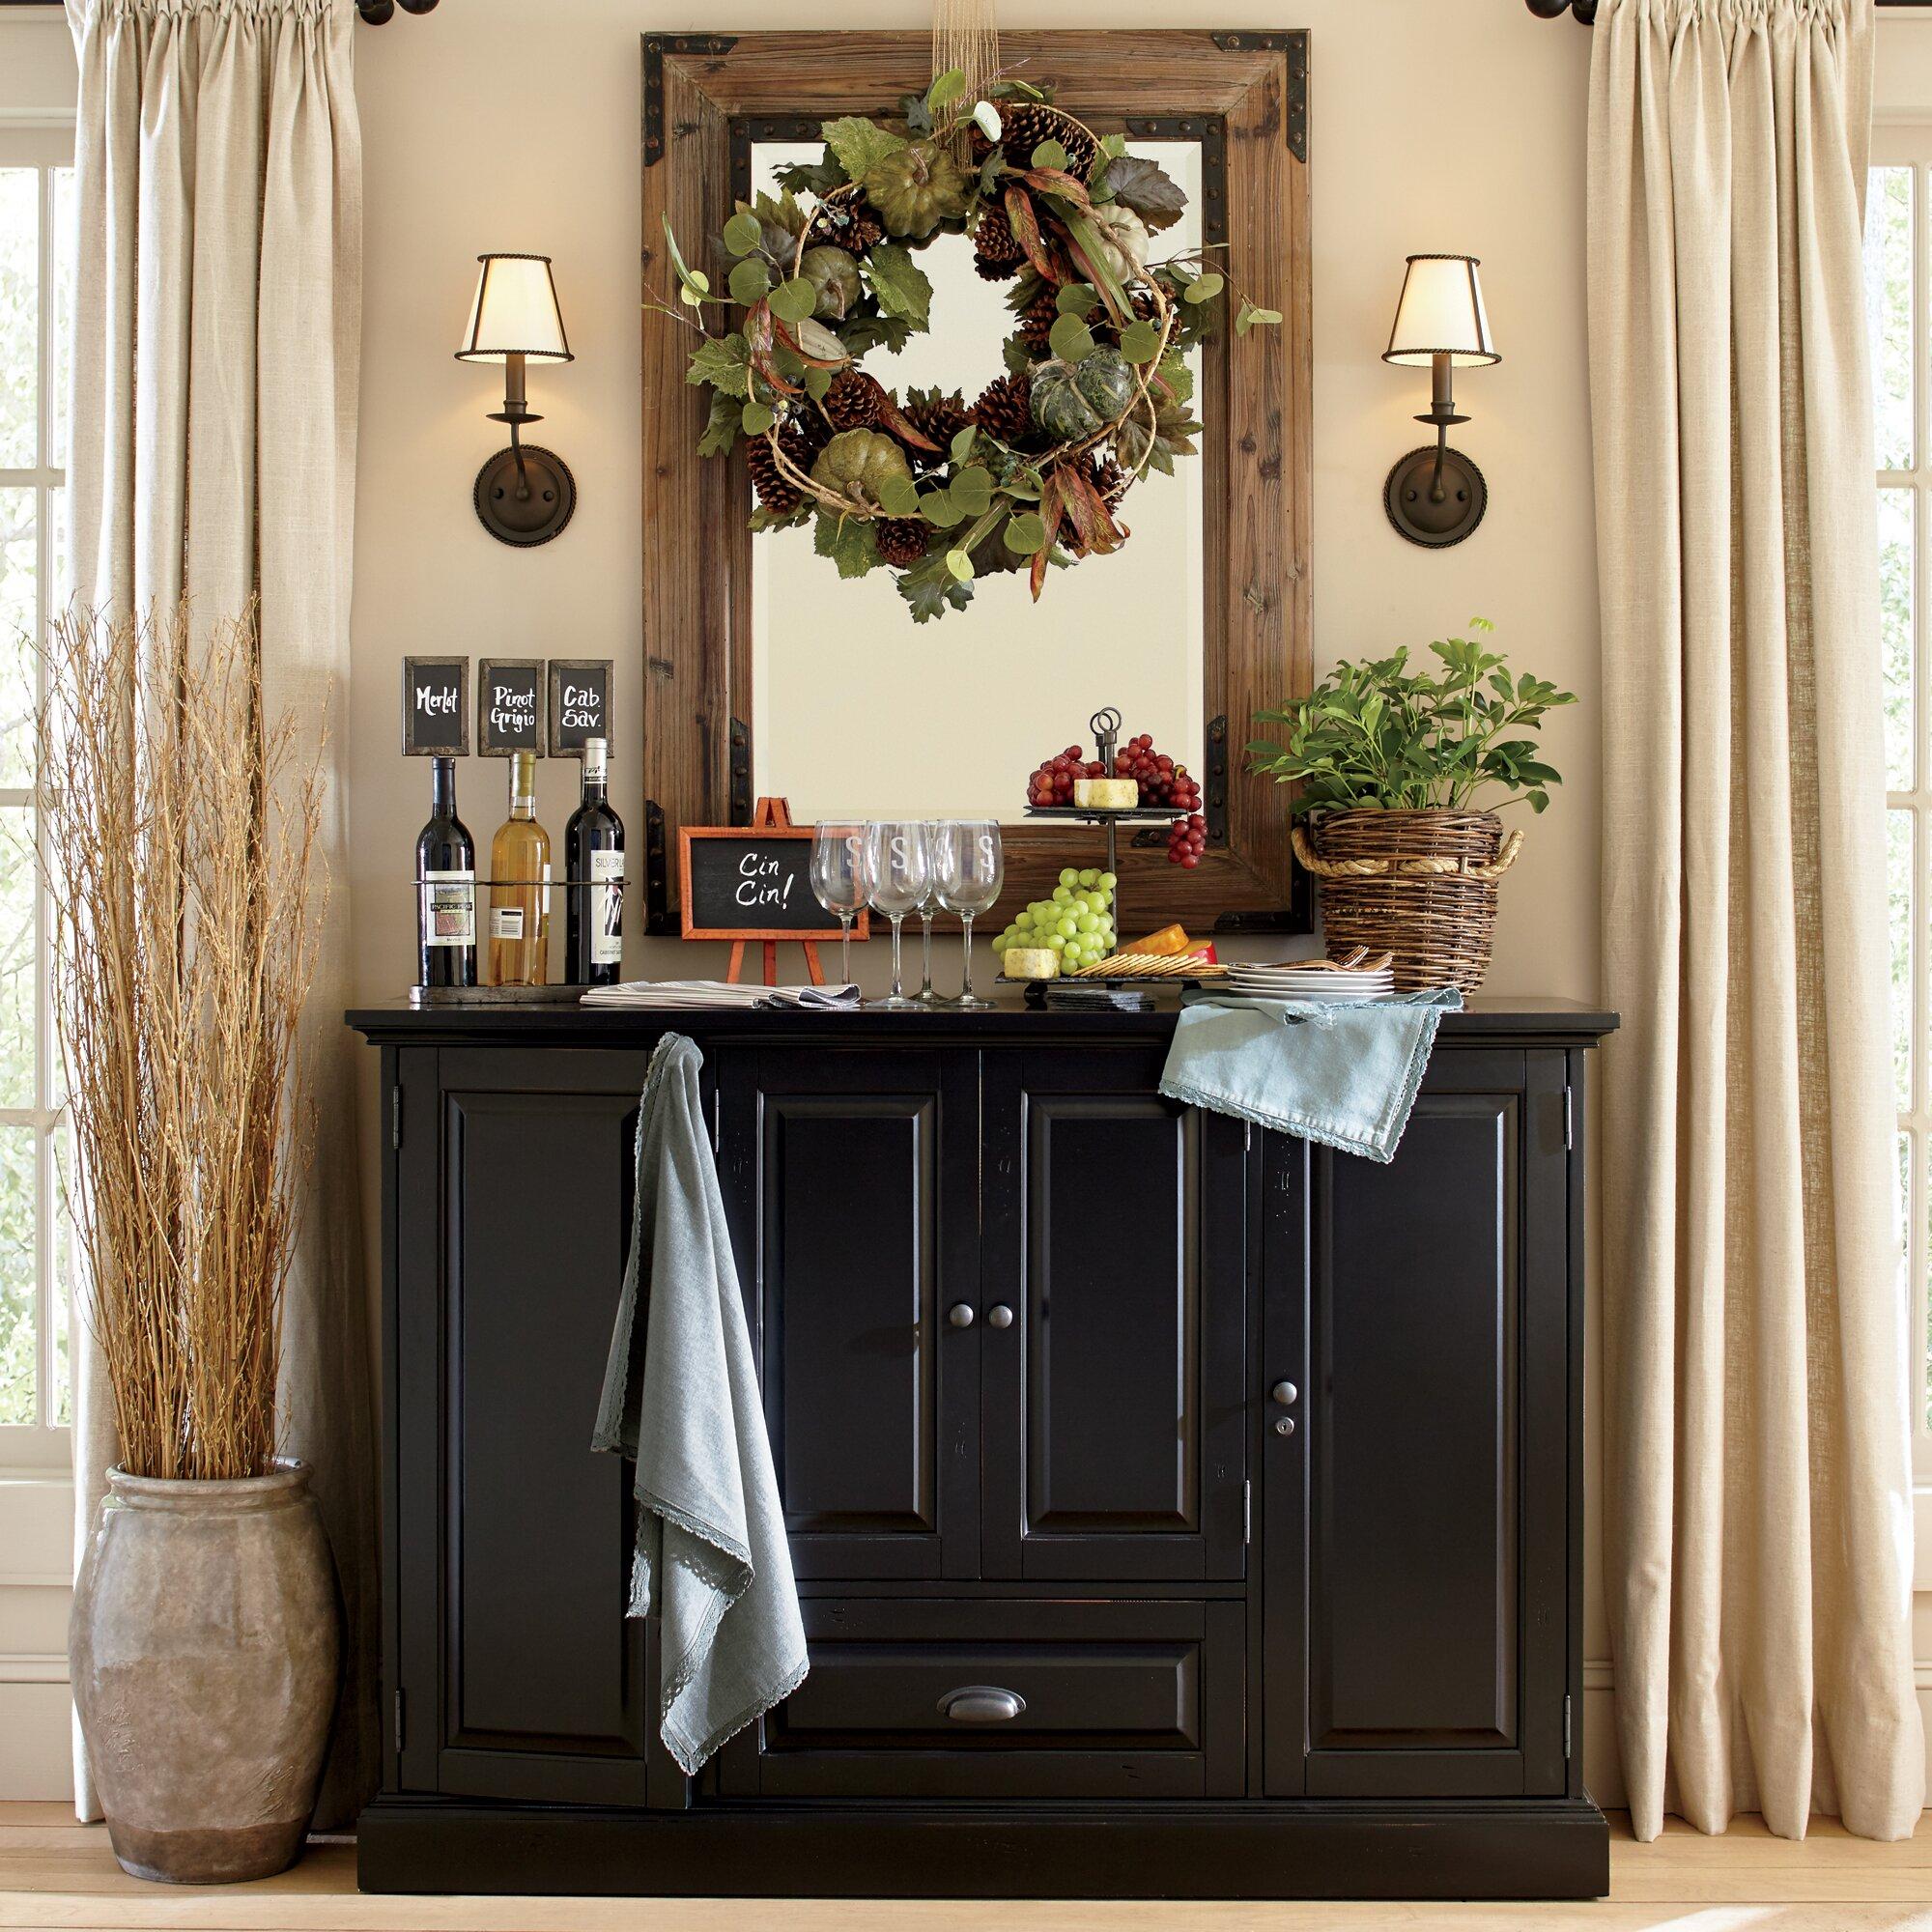 Southern Home Decor Blogs Http Decoratedlife Com Home Decor